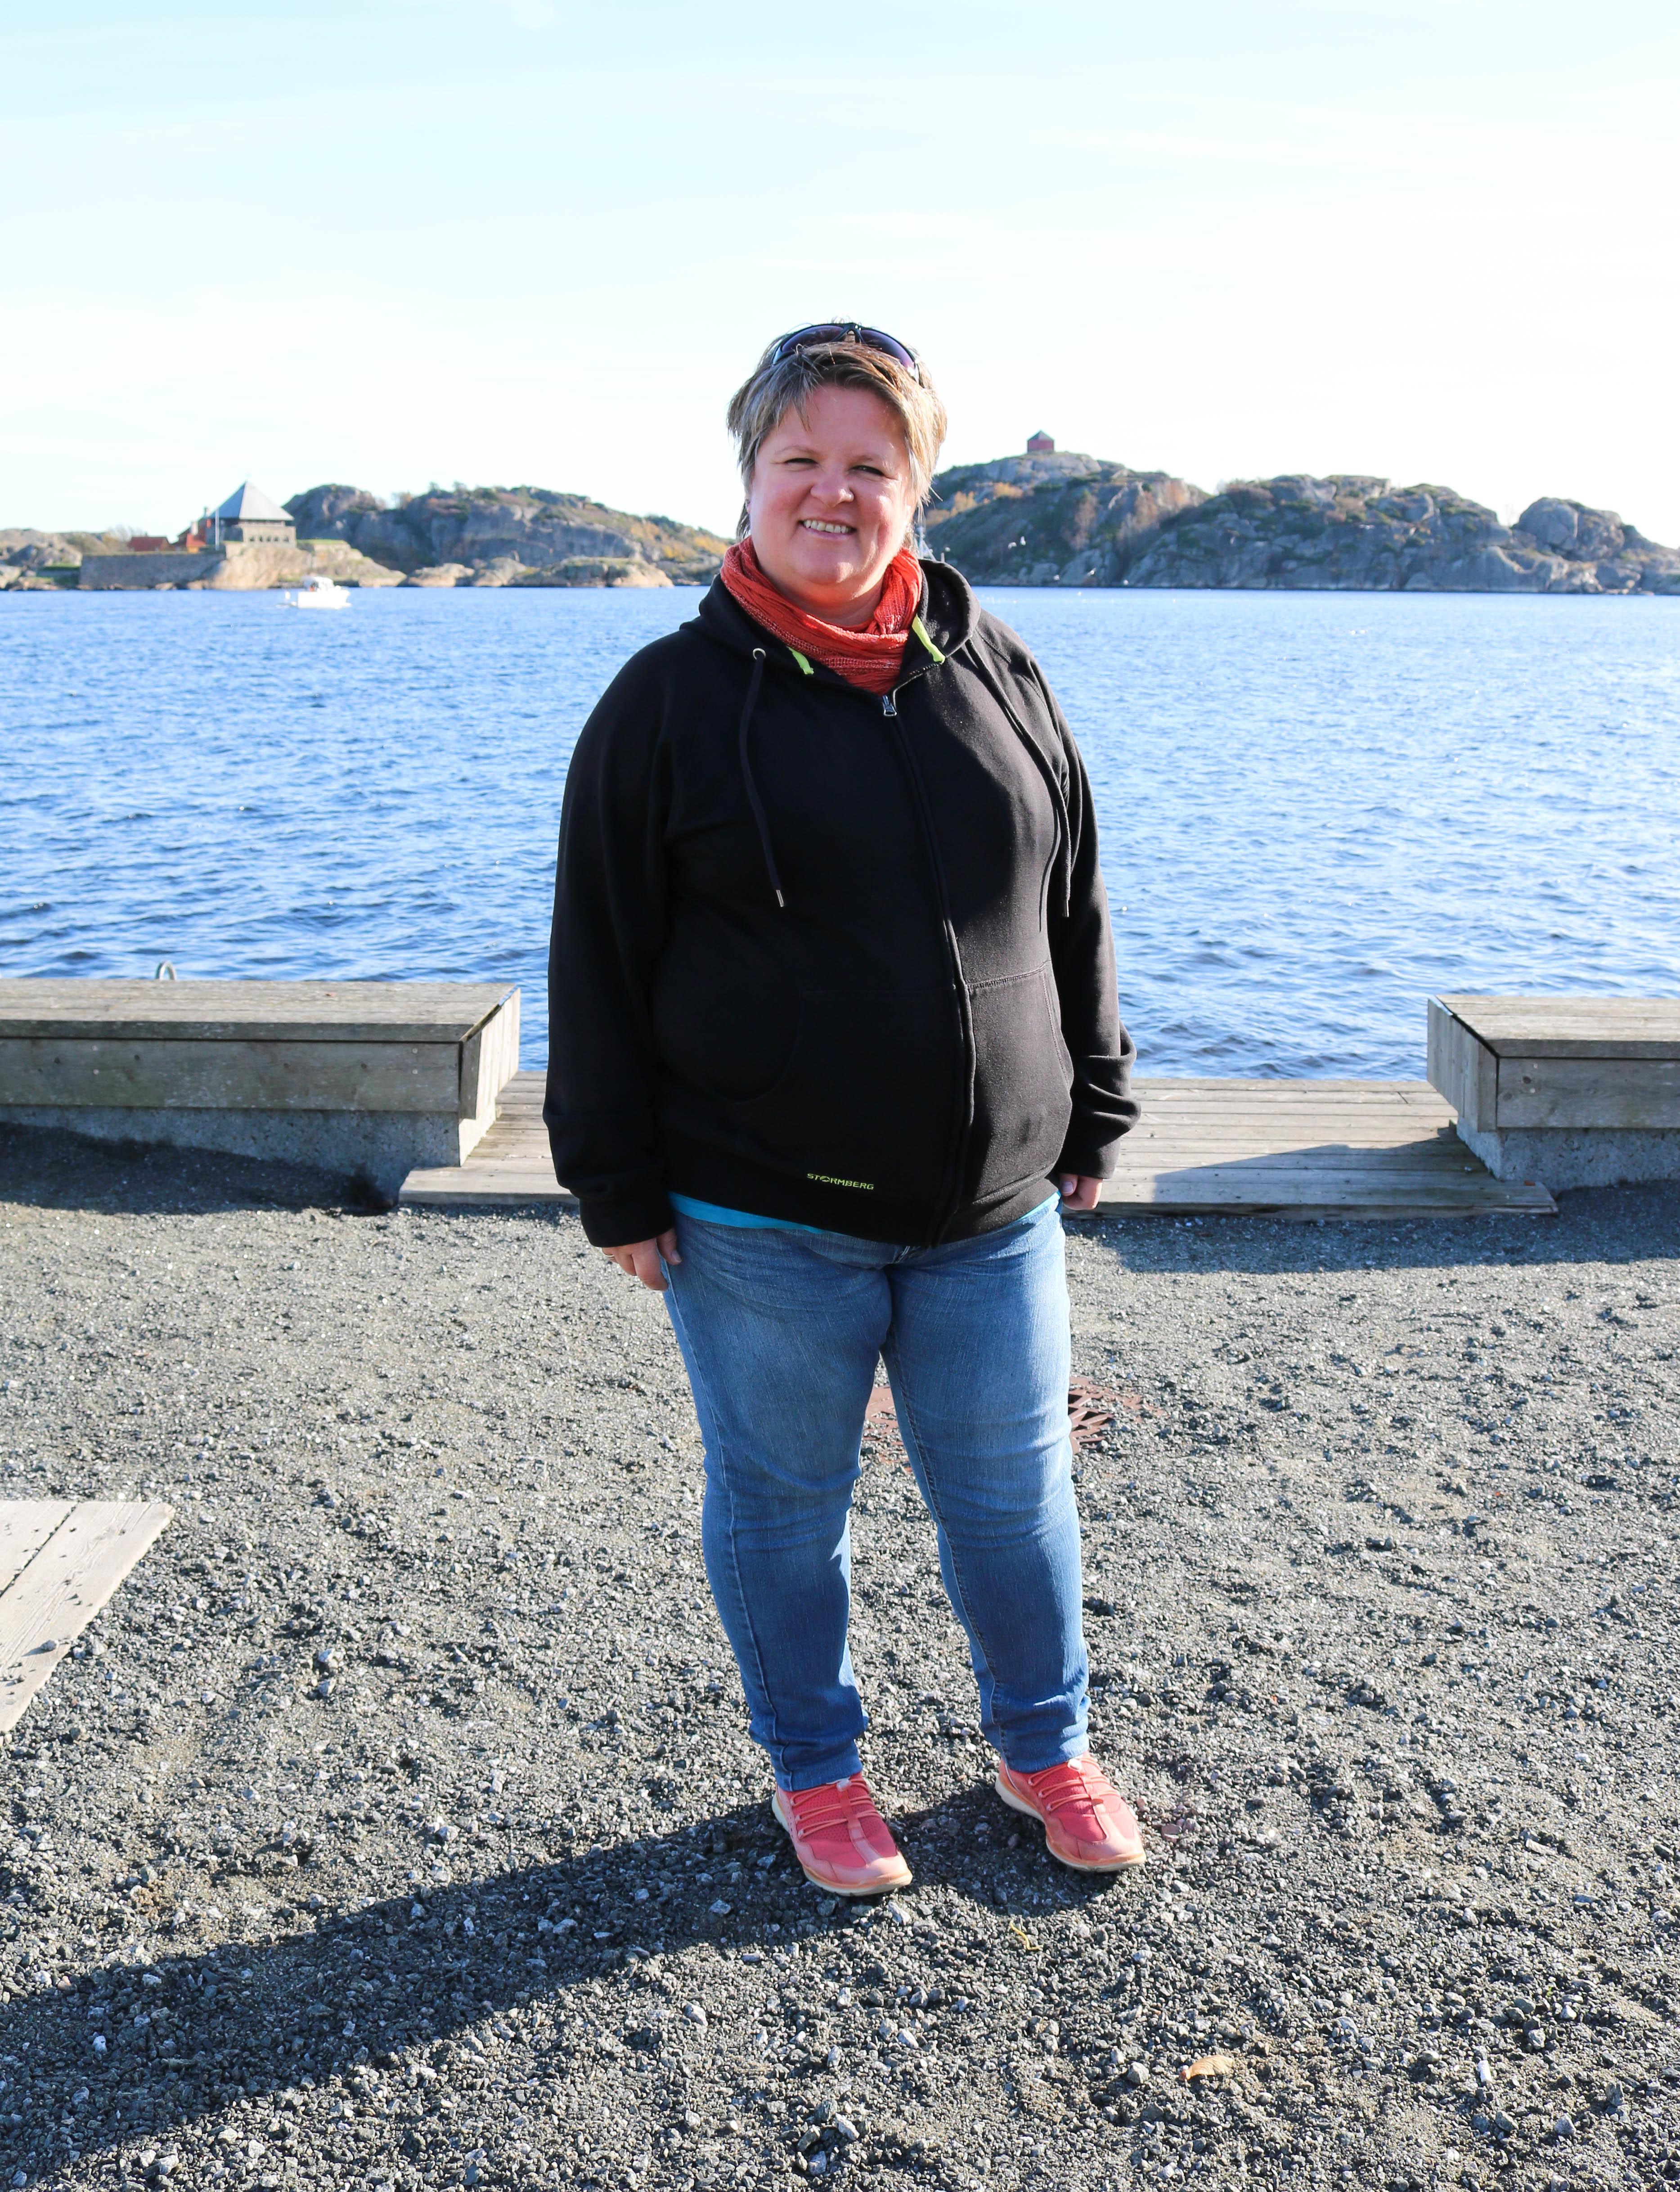 Døvblind kvinne står på havna i Stavern. Himmelen og sjøen bak henne er blå. Solen skinner på henne fra høyre side.